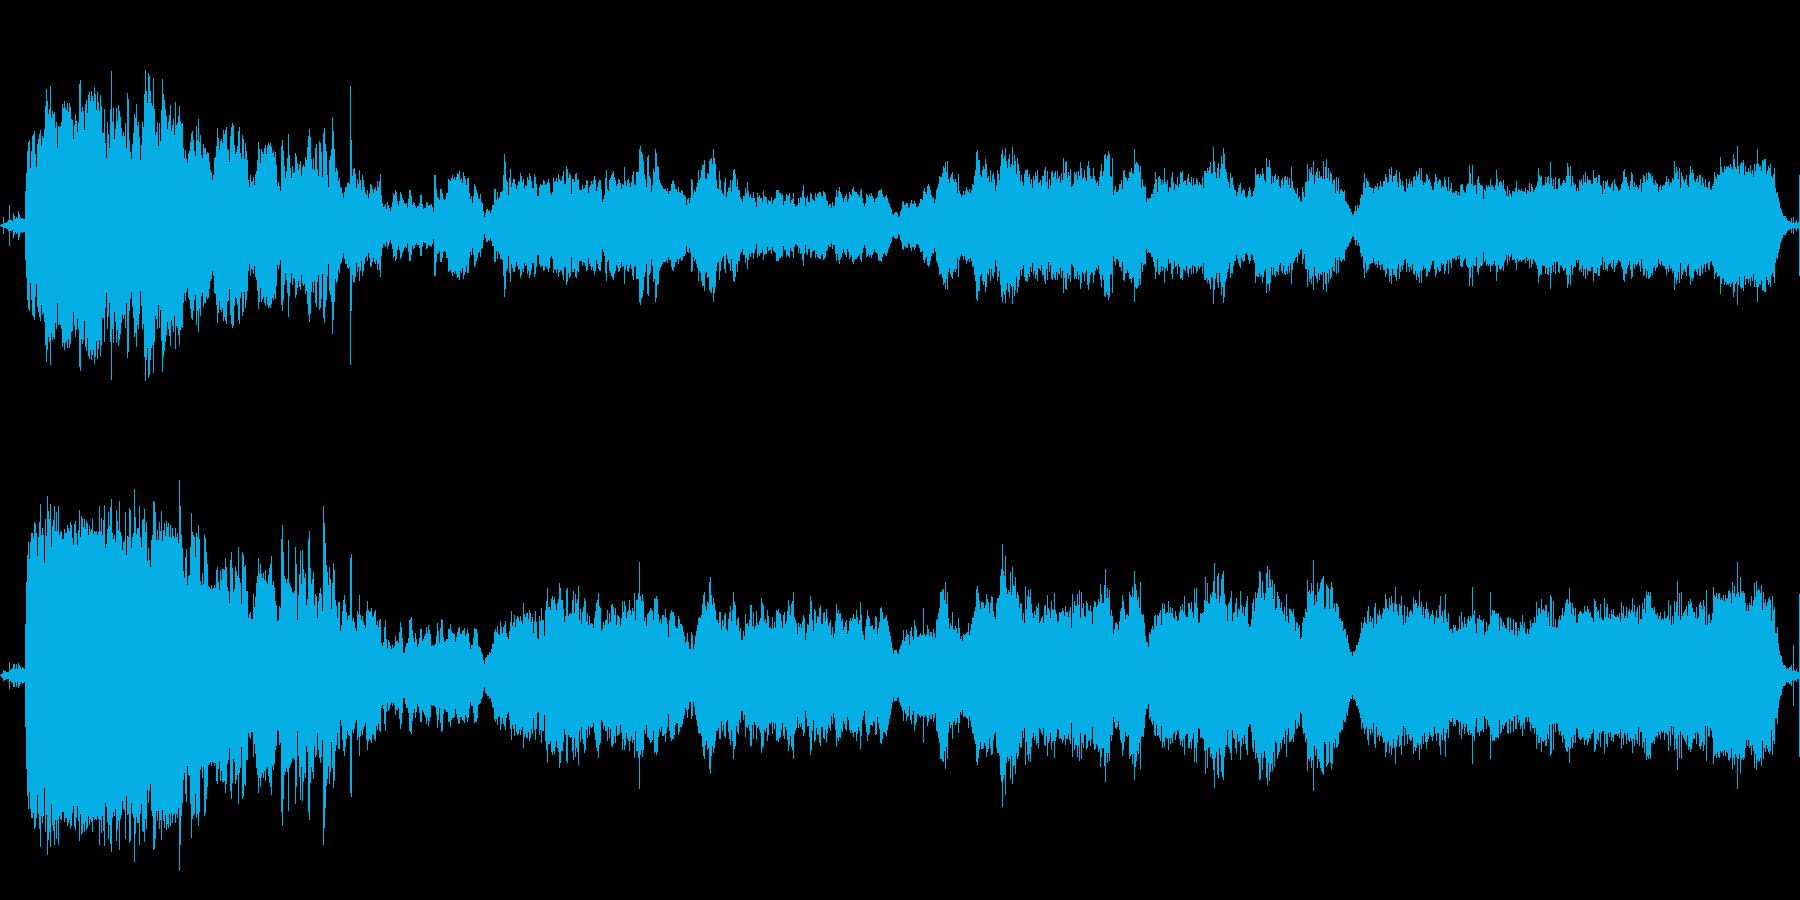 エミリーブロンテの嵐が丘のイメージで作…の再生済みの波形